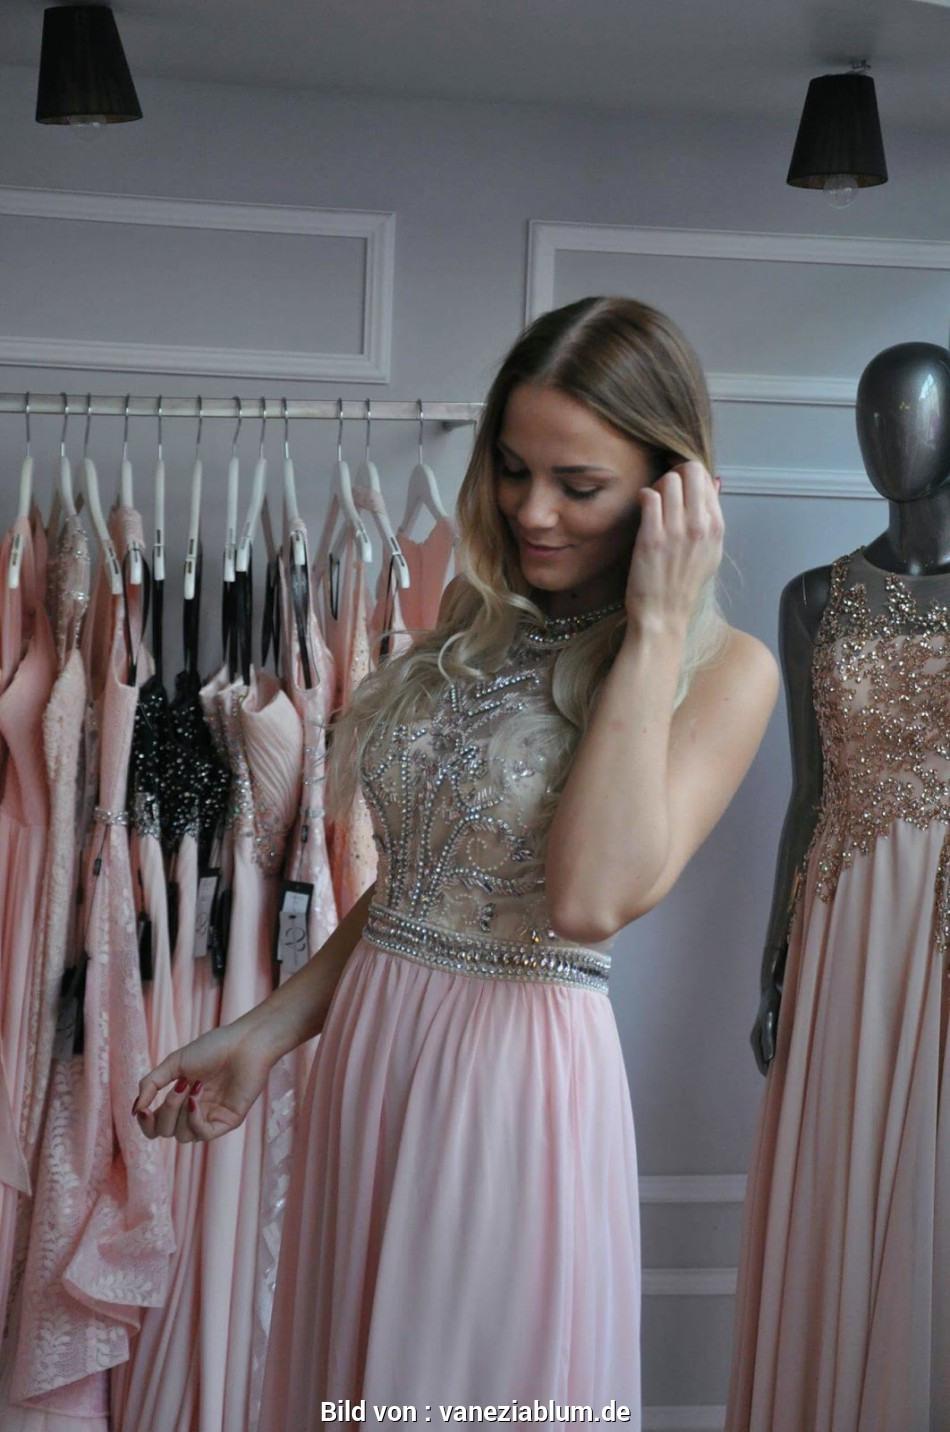 11 Ausgezeichnet Abendkleid Aachen Design - Abendkleid